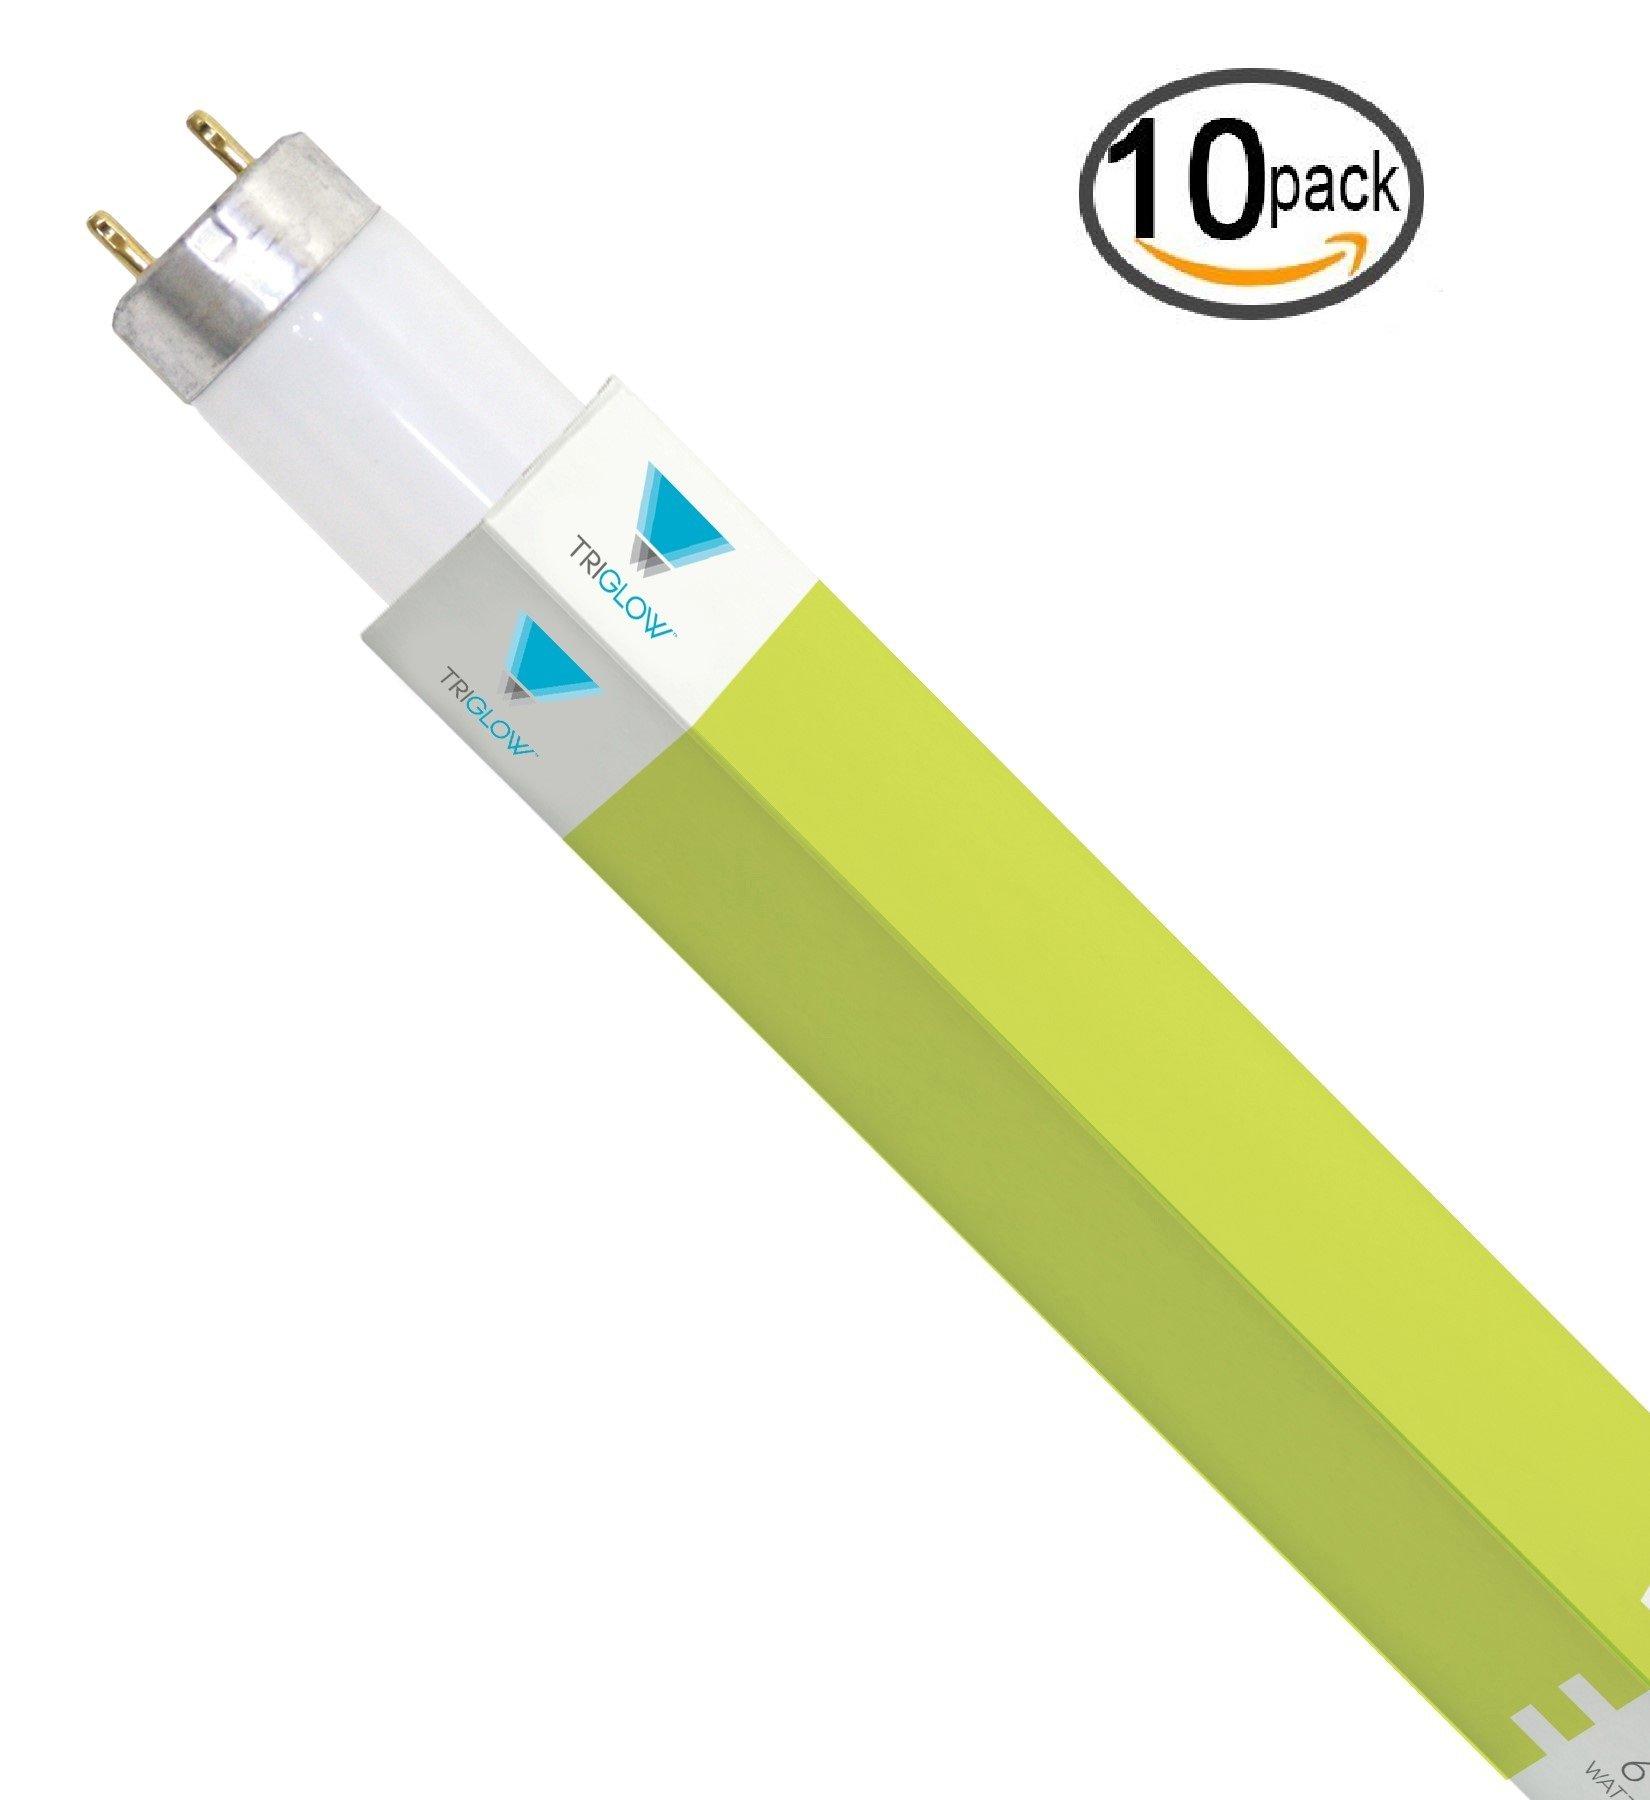 (Pack of 10) F17T8/741 24'' 17-Watt Straight T8 Fluorescent Tube Cool White Light Bulb